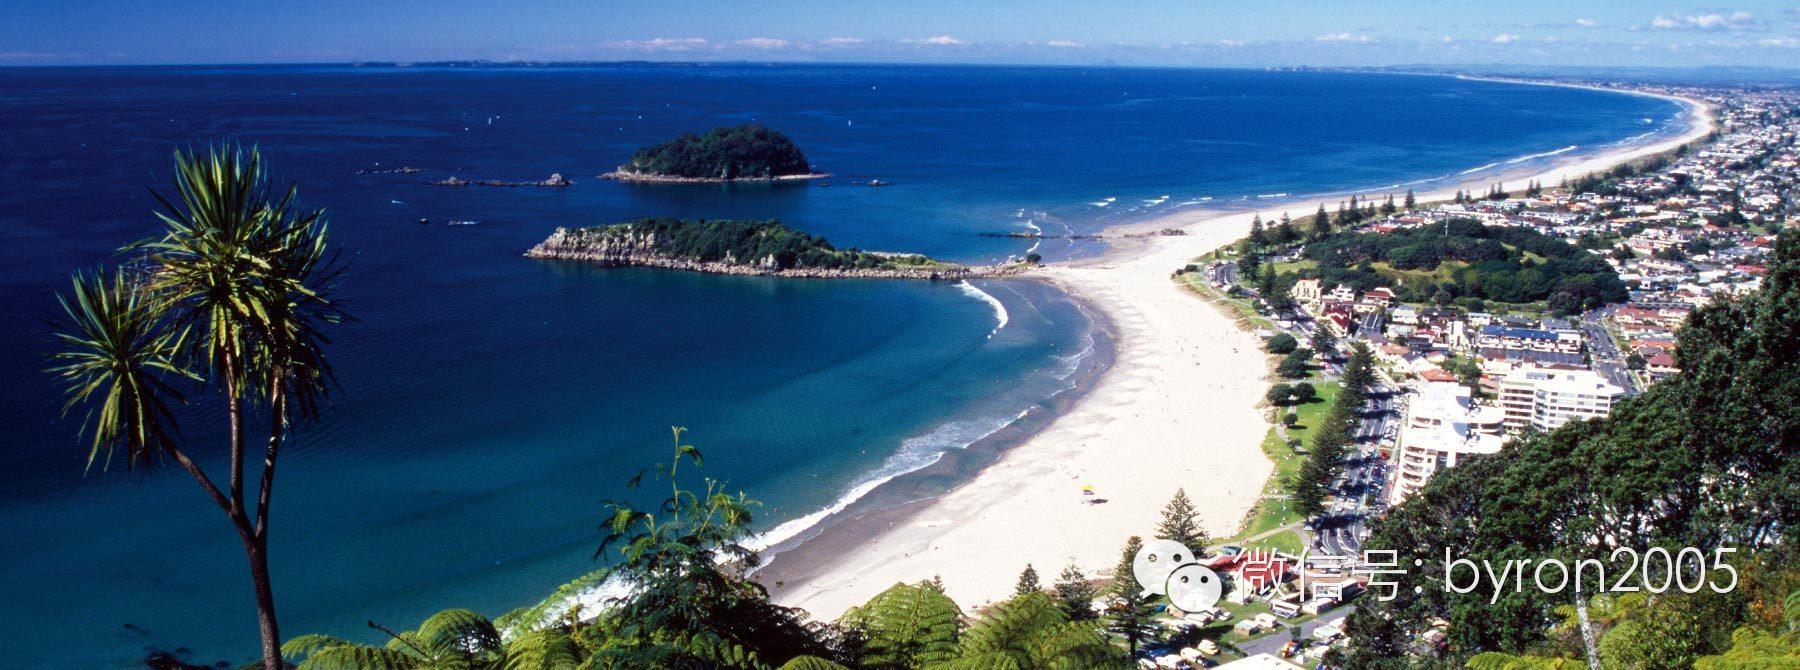 新西兰的黄金海岸、加州 - 陶朗加